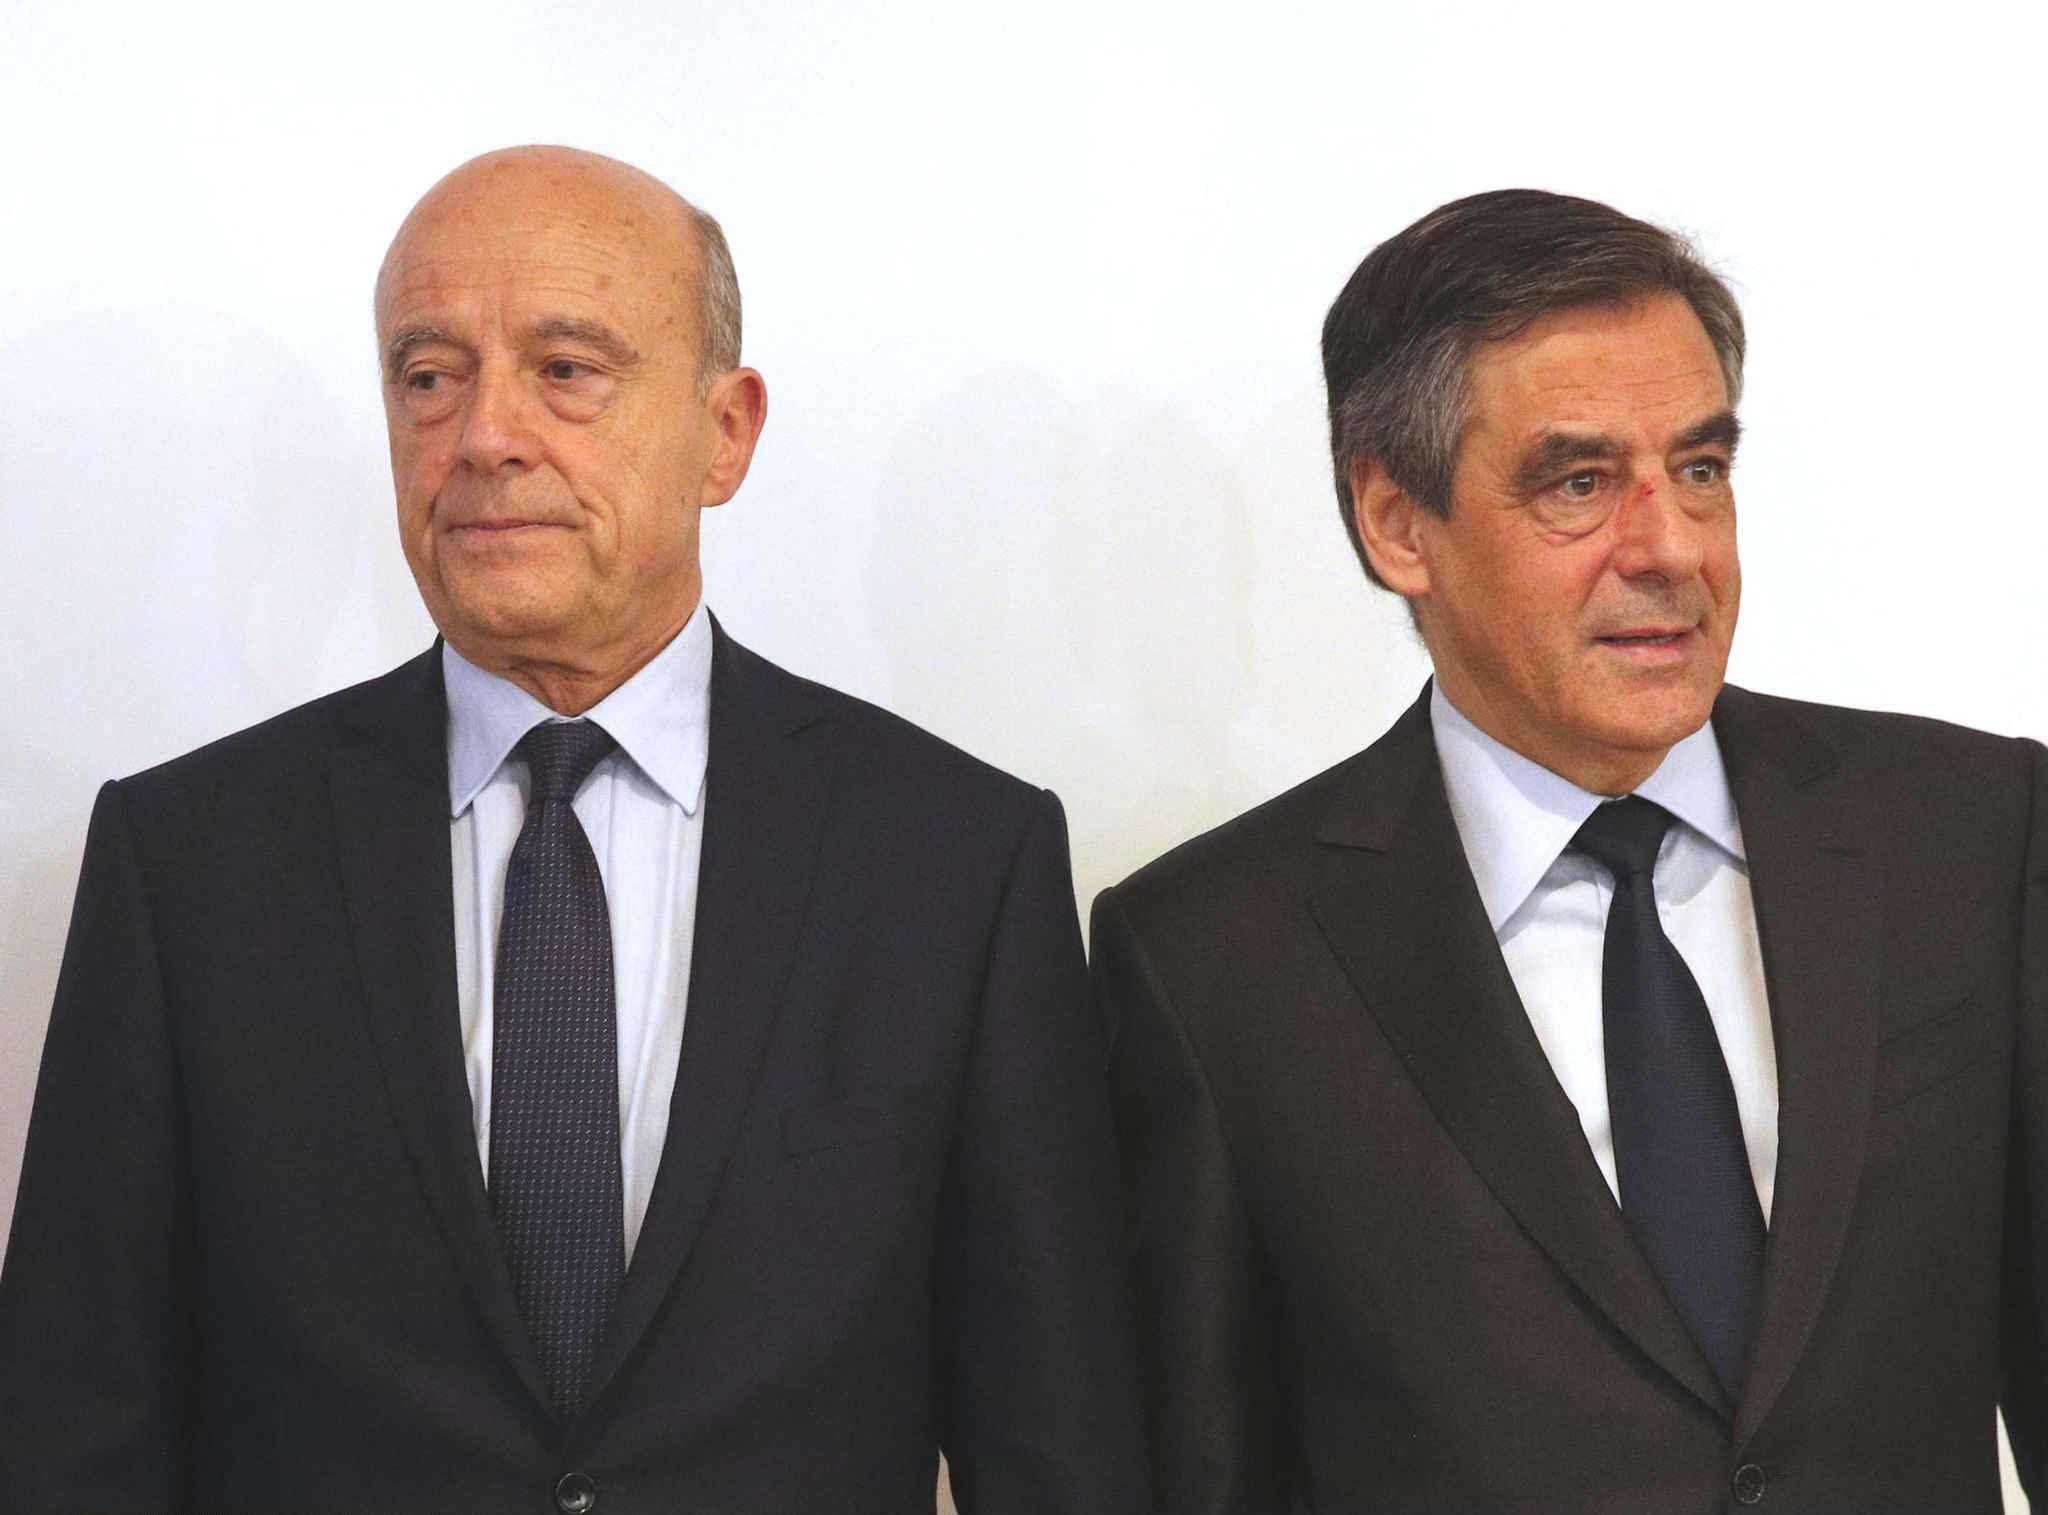 Politique Le député François Fillon employait son épouse Penelope